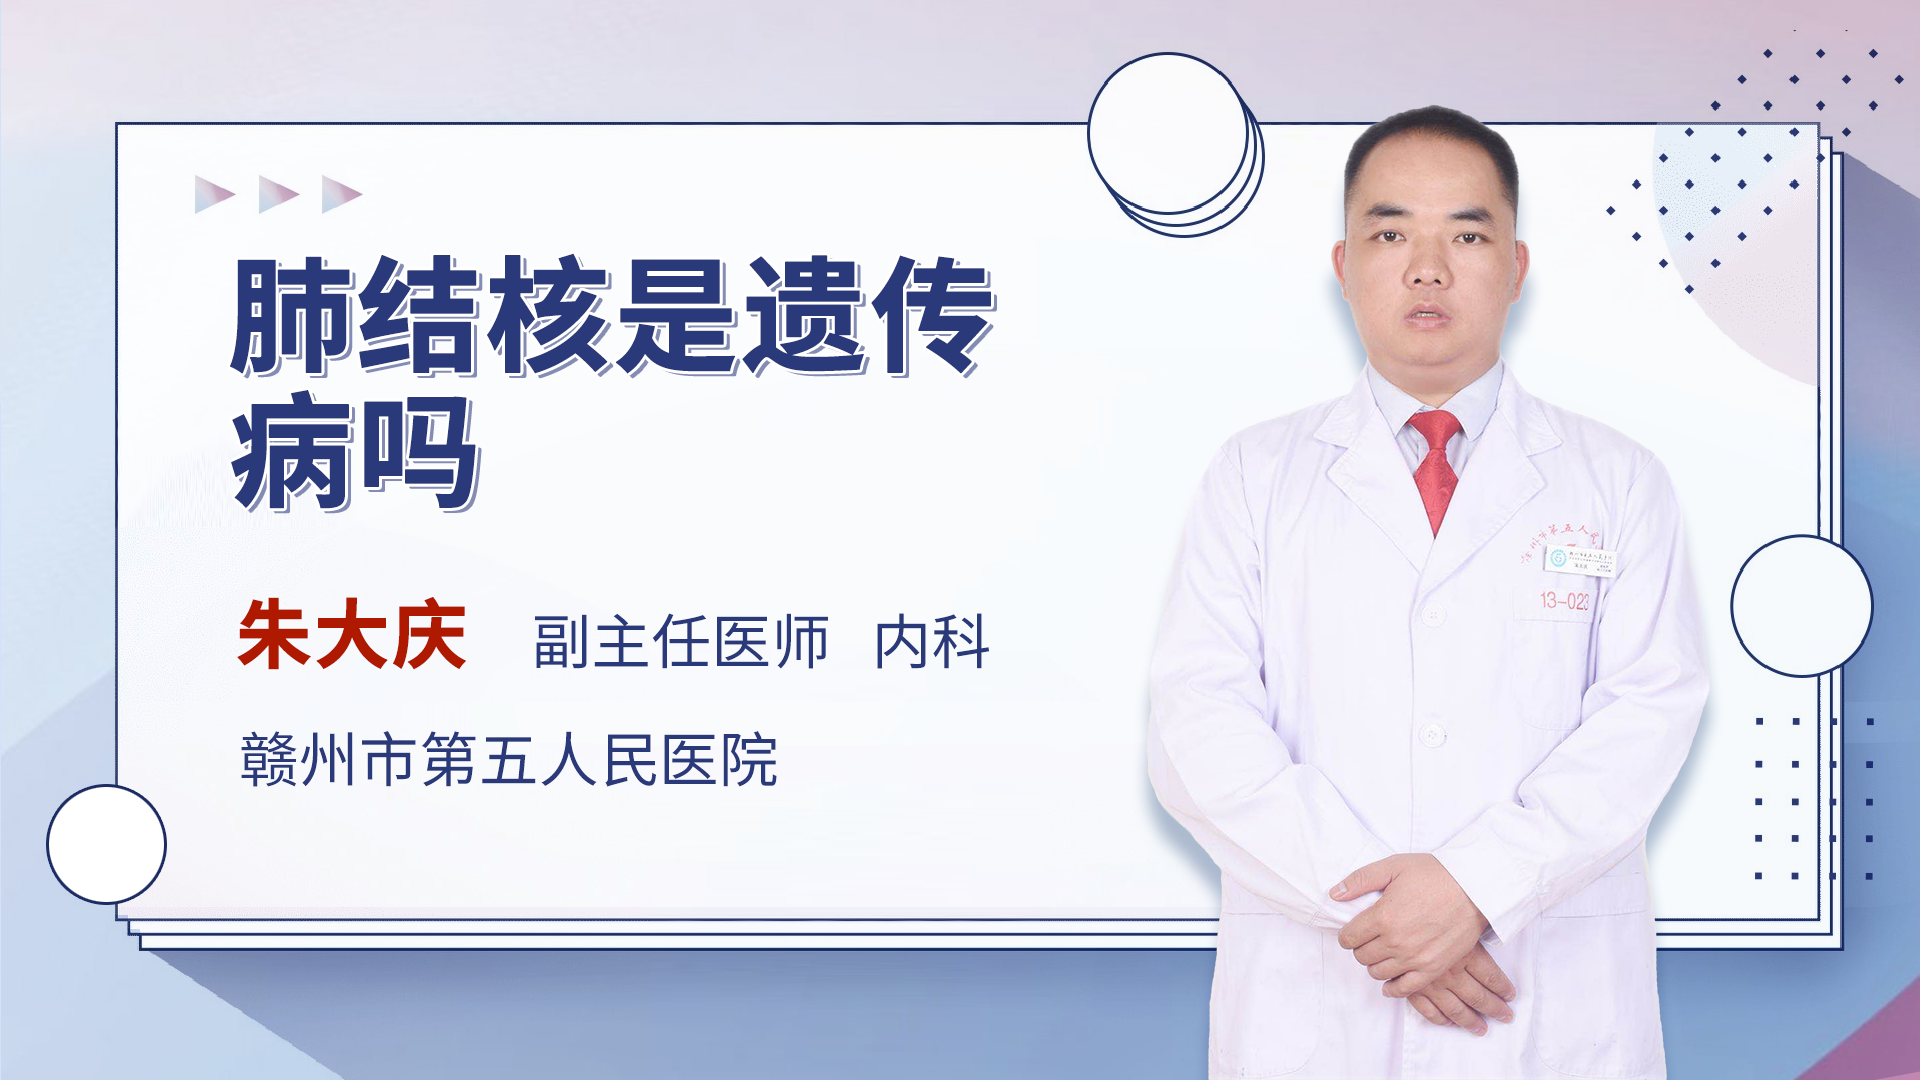 肺结核是遗传病吗